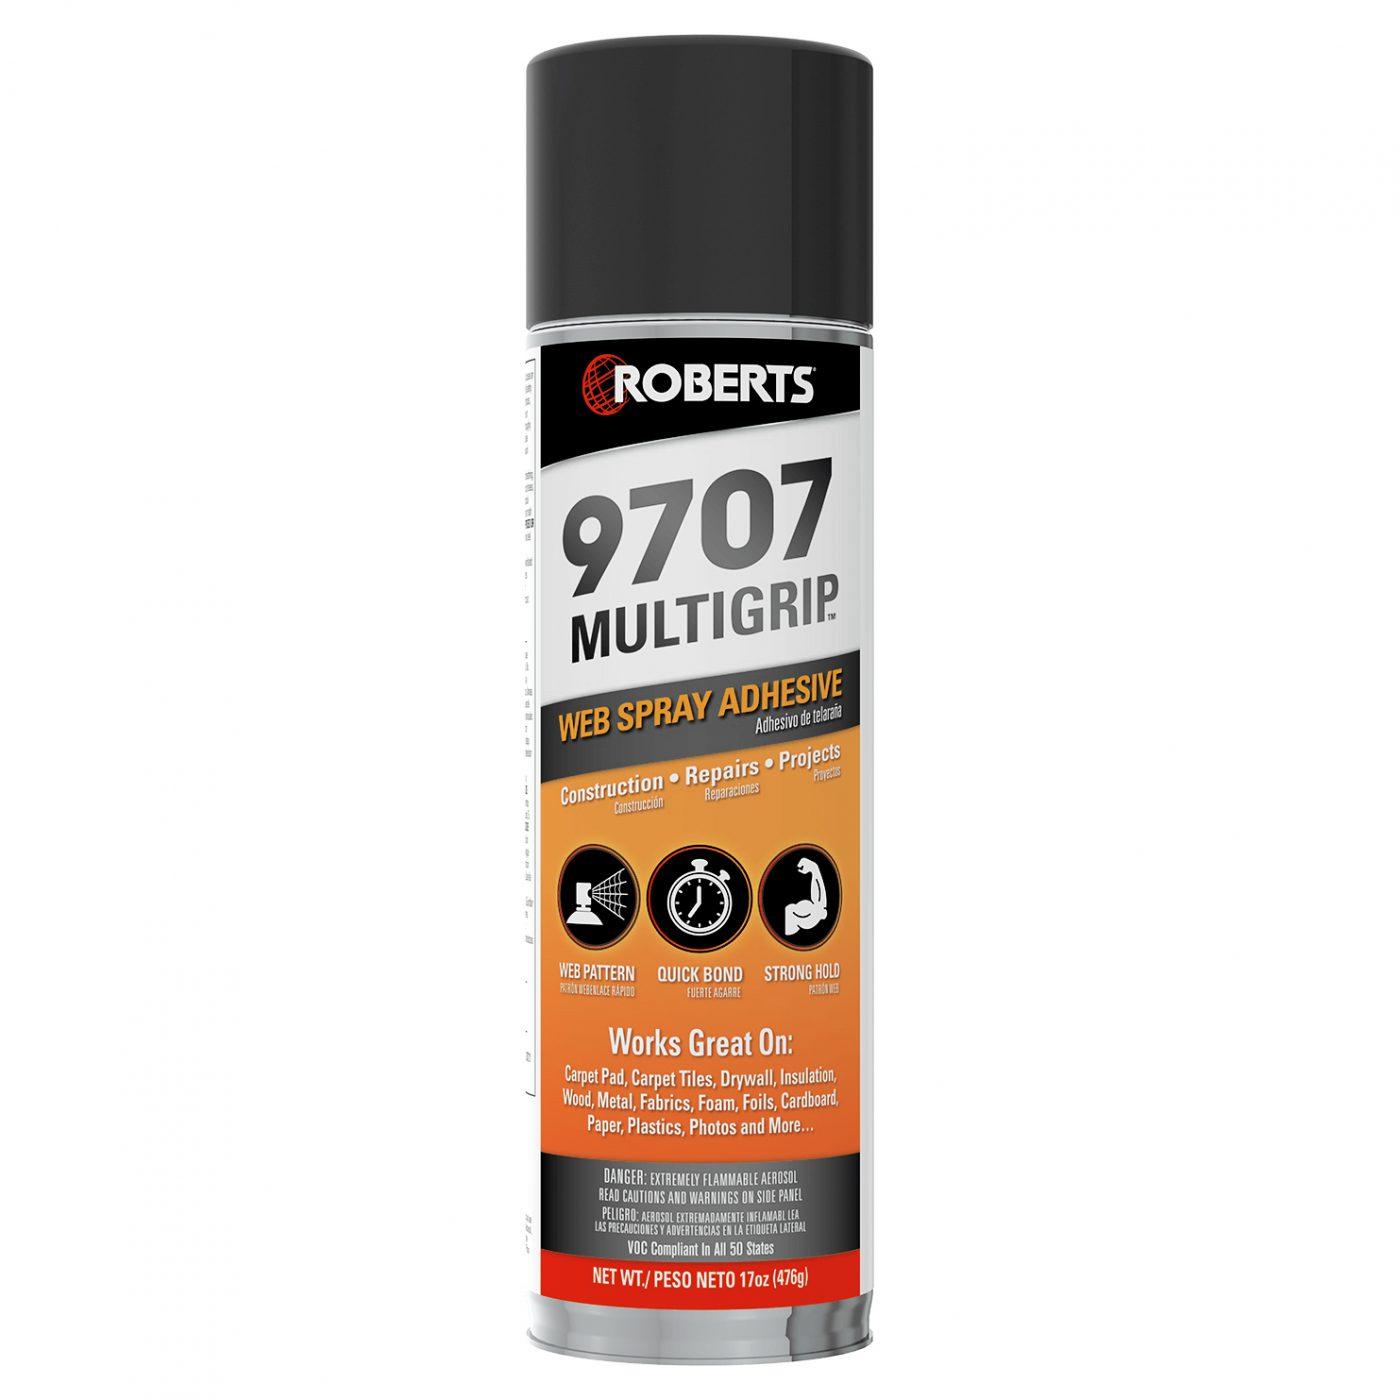 MULTIGRIP Web Spray Adhesive